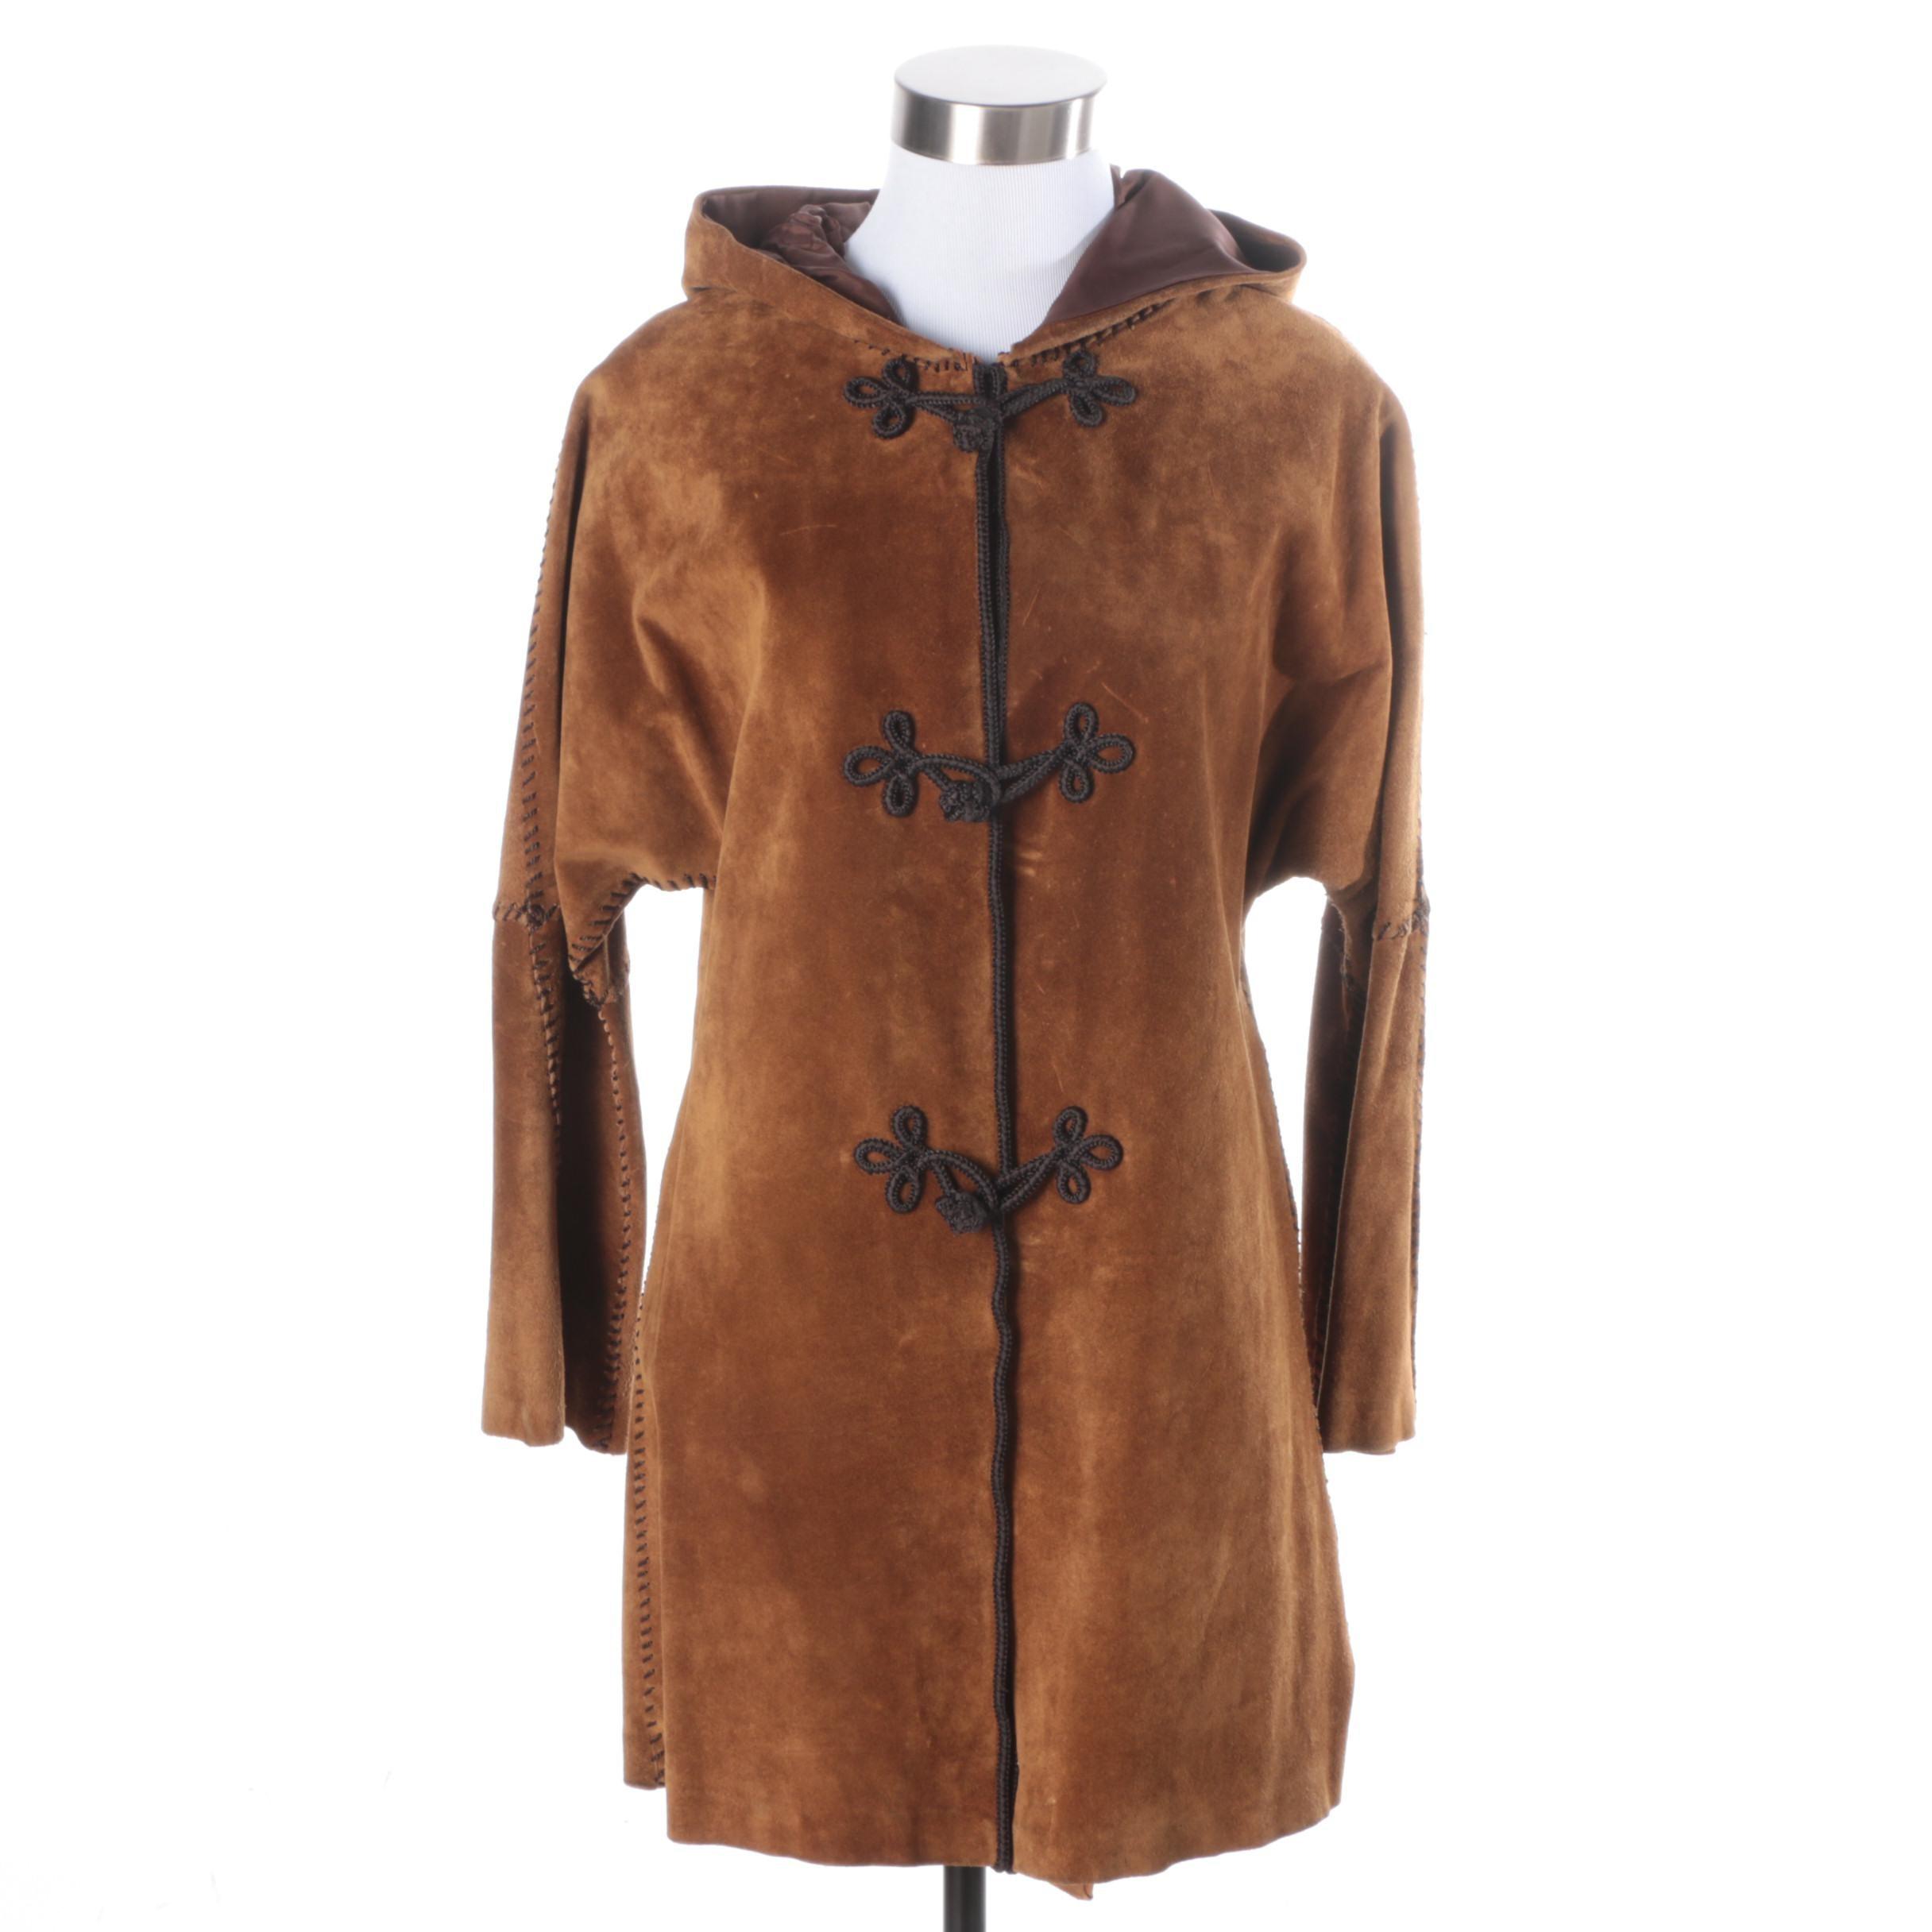 Women's Brown Suede Coat